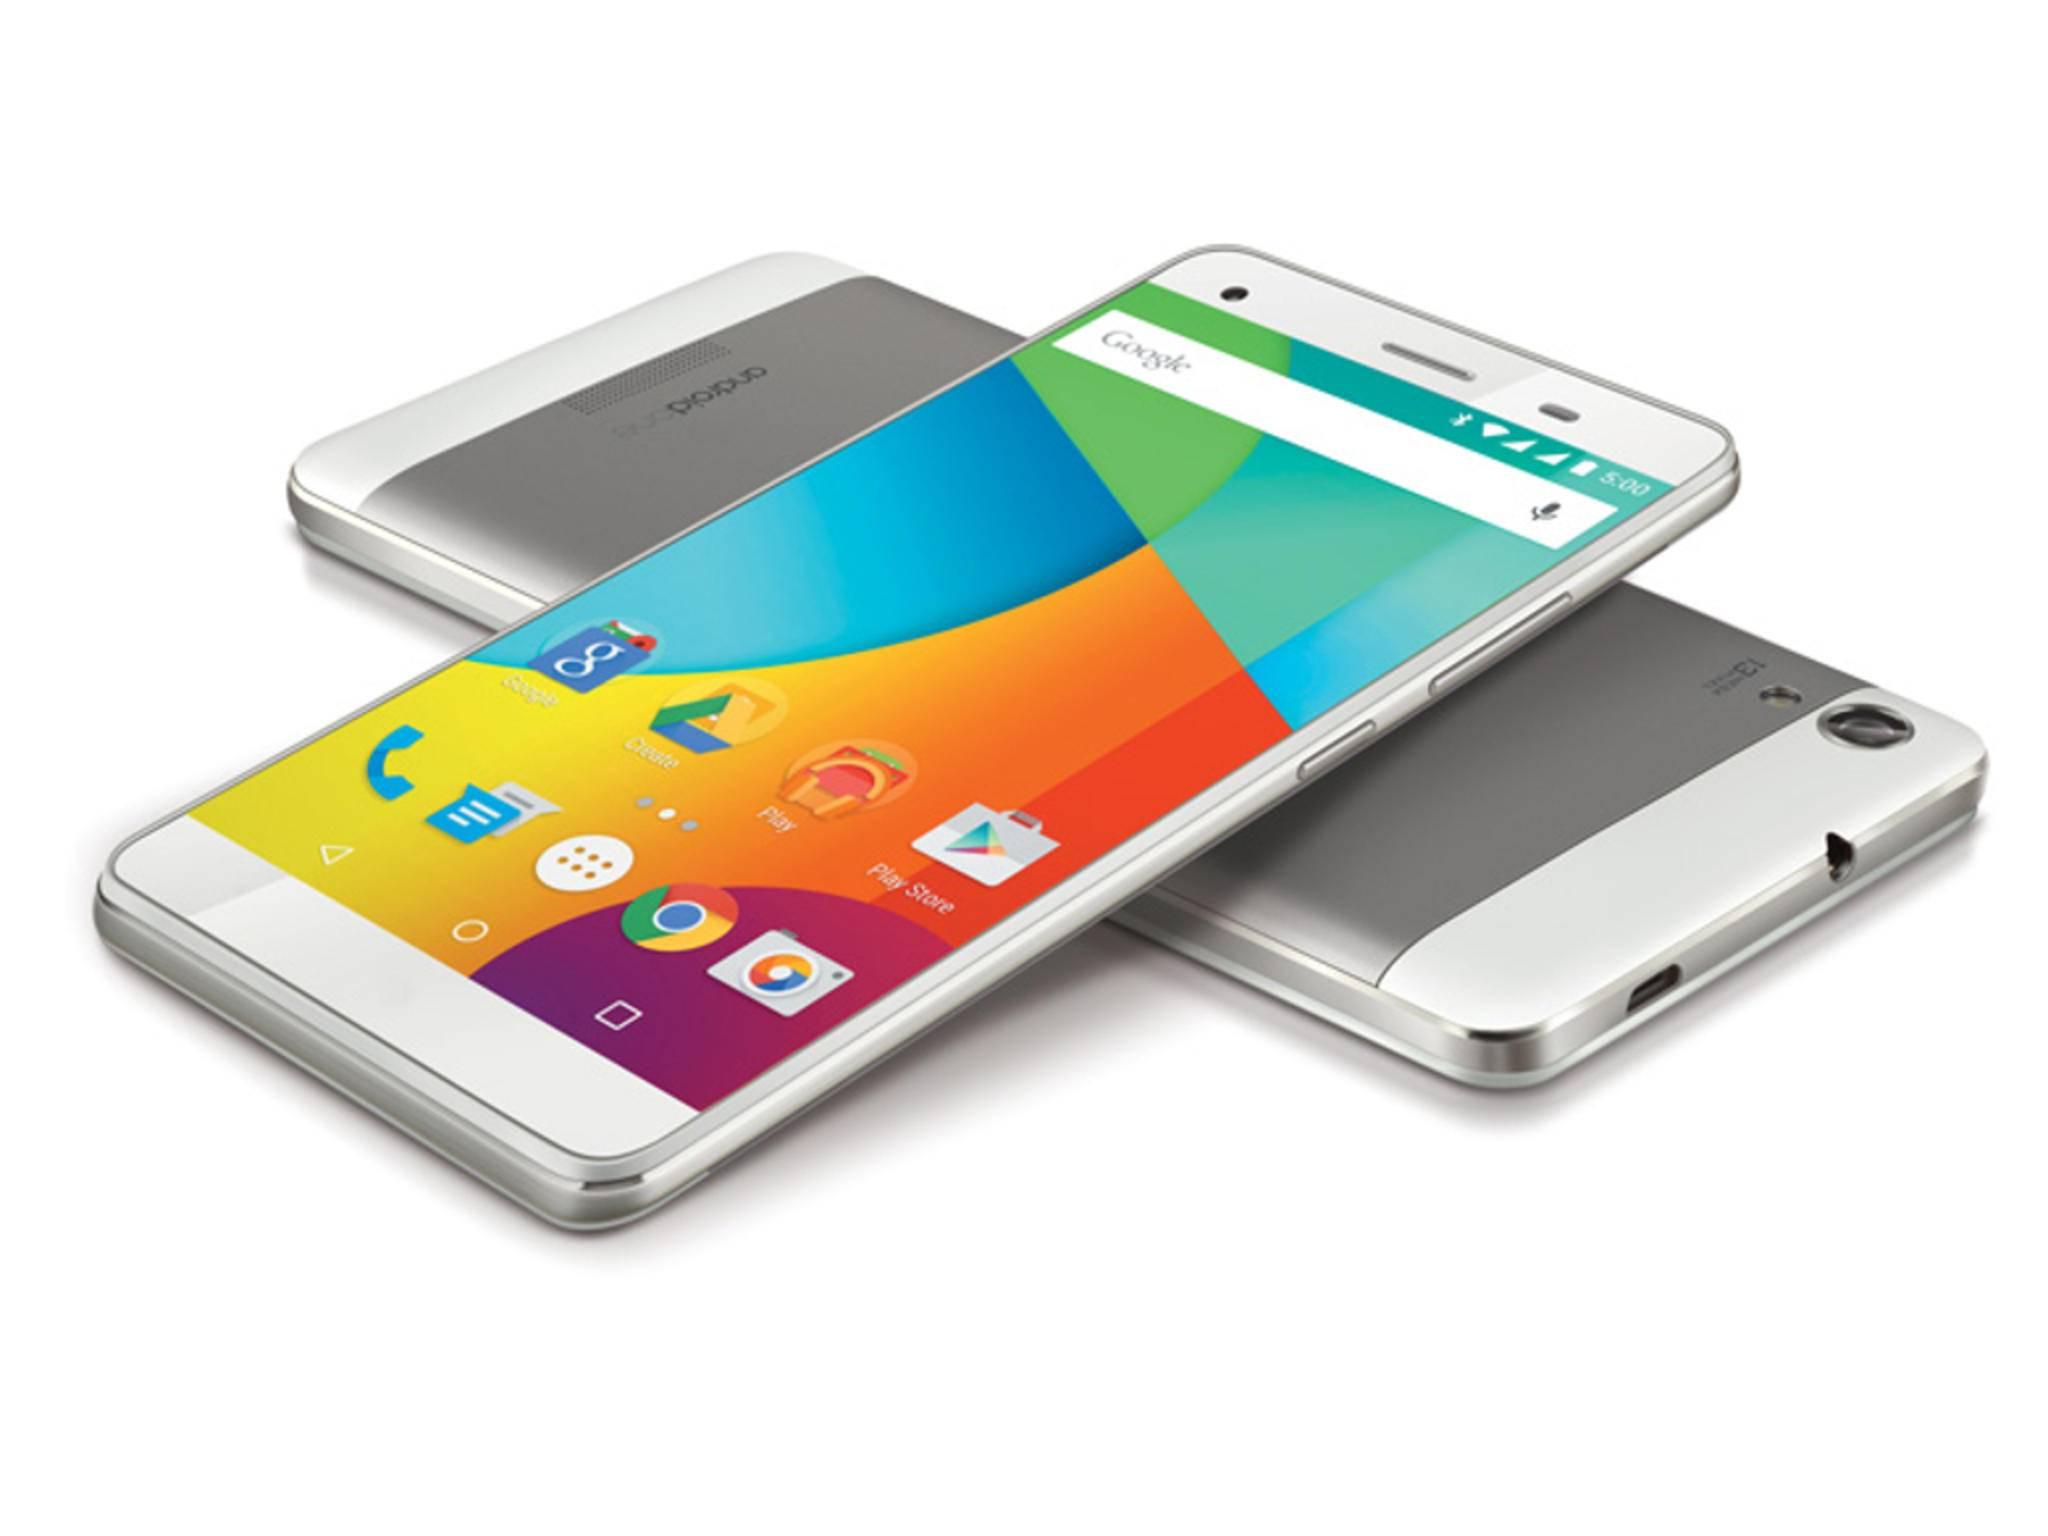 Android-Smartphones für 30 Euro? Google will es möglich machen.